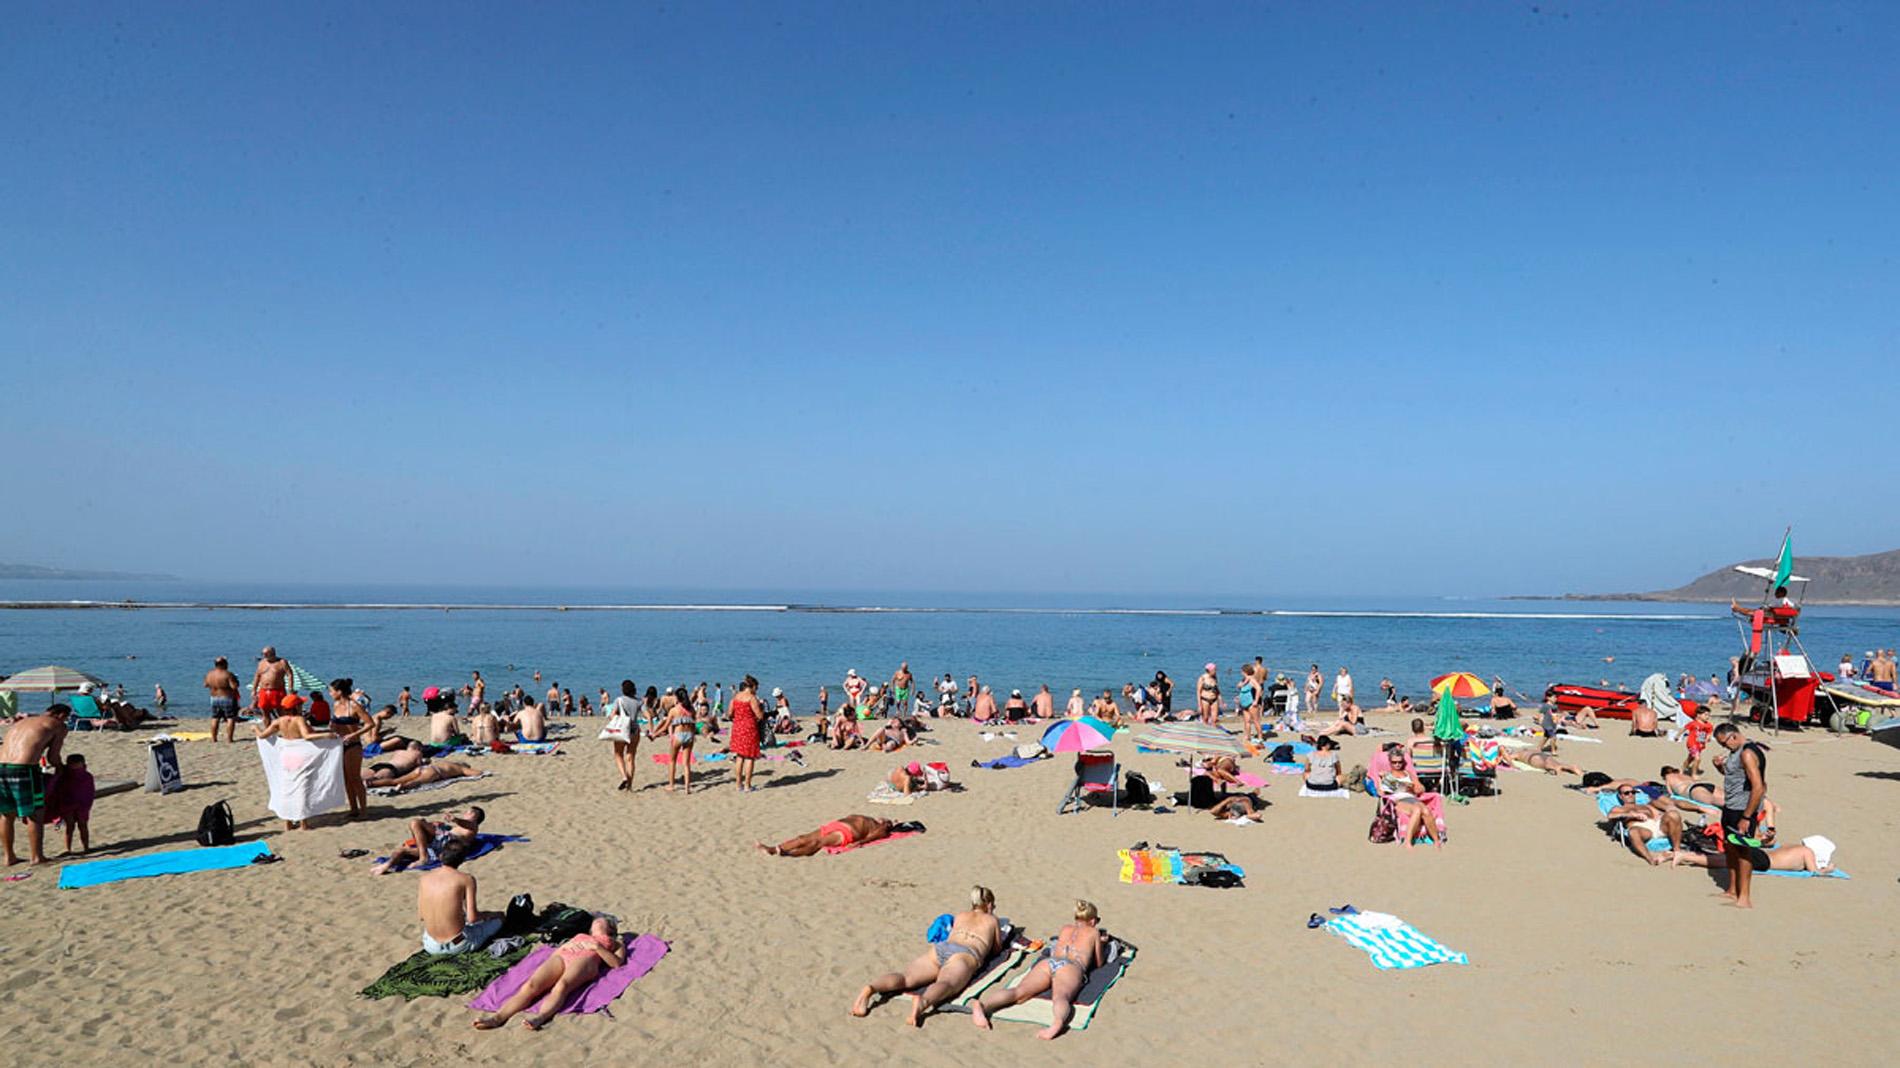 El turismo en España creció un 2% en 2018,  por primera vez en una década por debajo de la economía